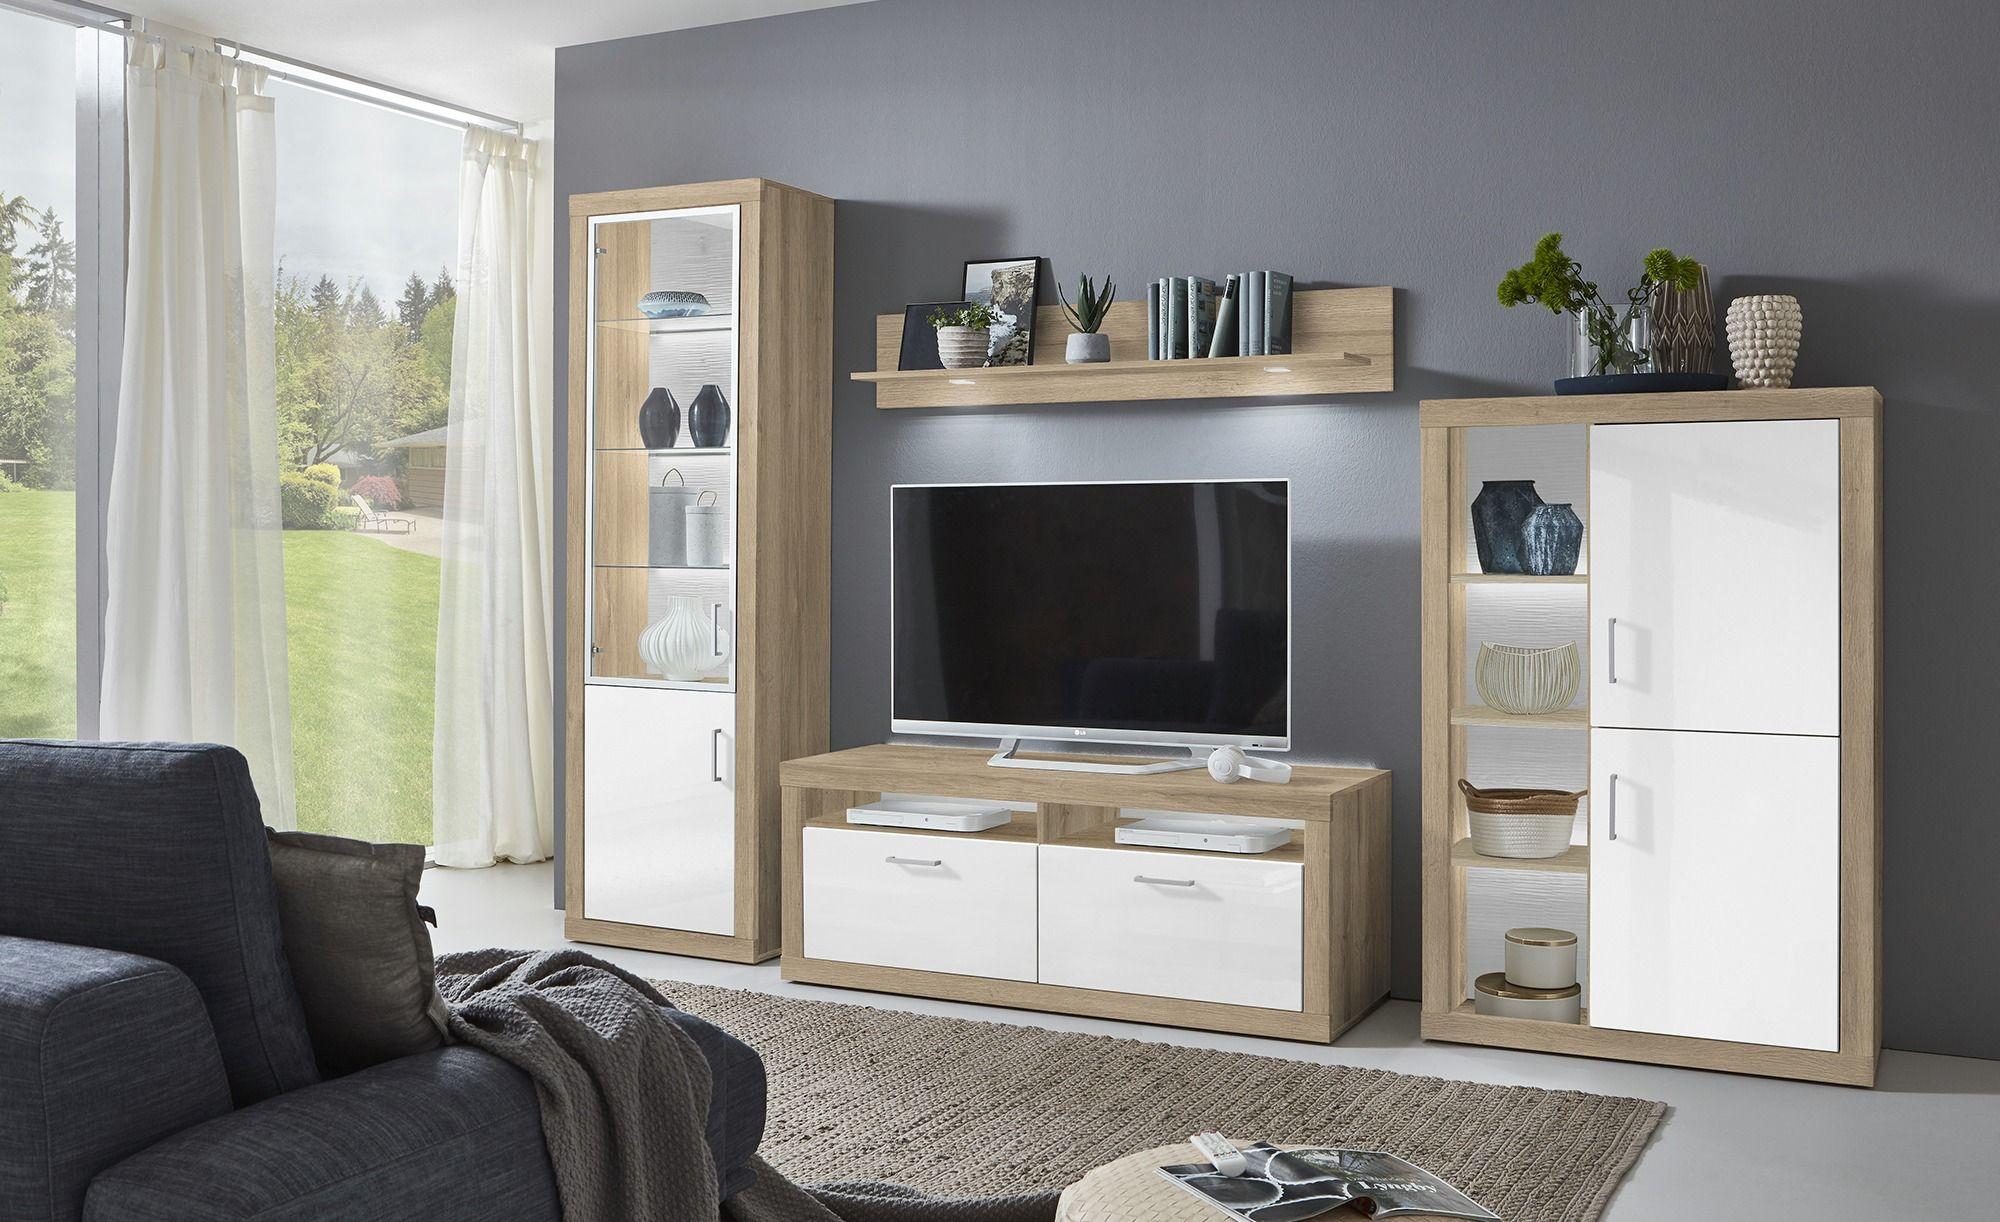 Tv Lowboard Schwarz Matt Wohnzimmermobel Massiv Modern